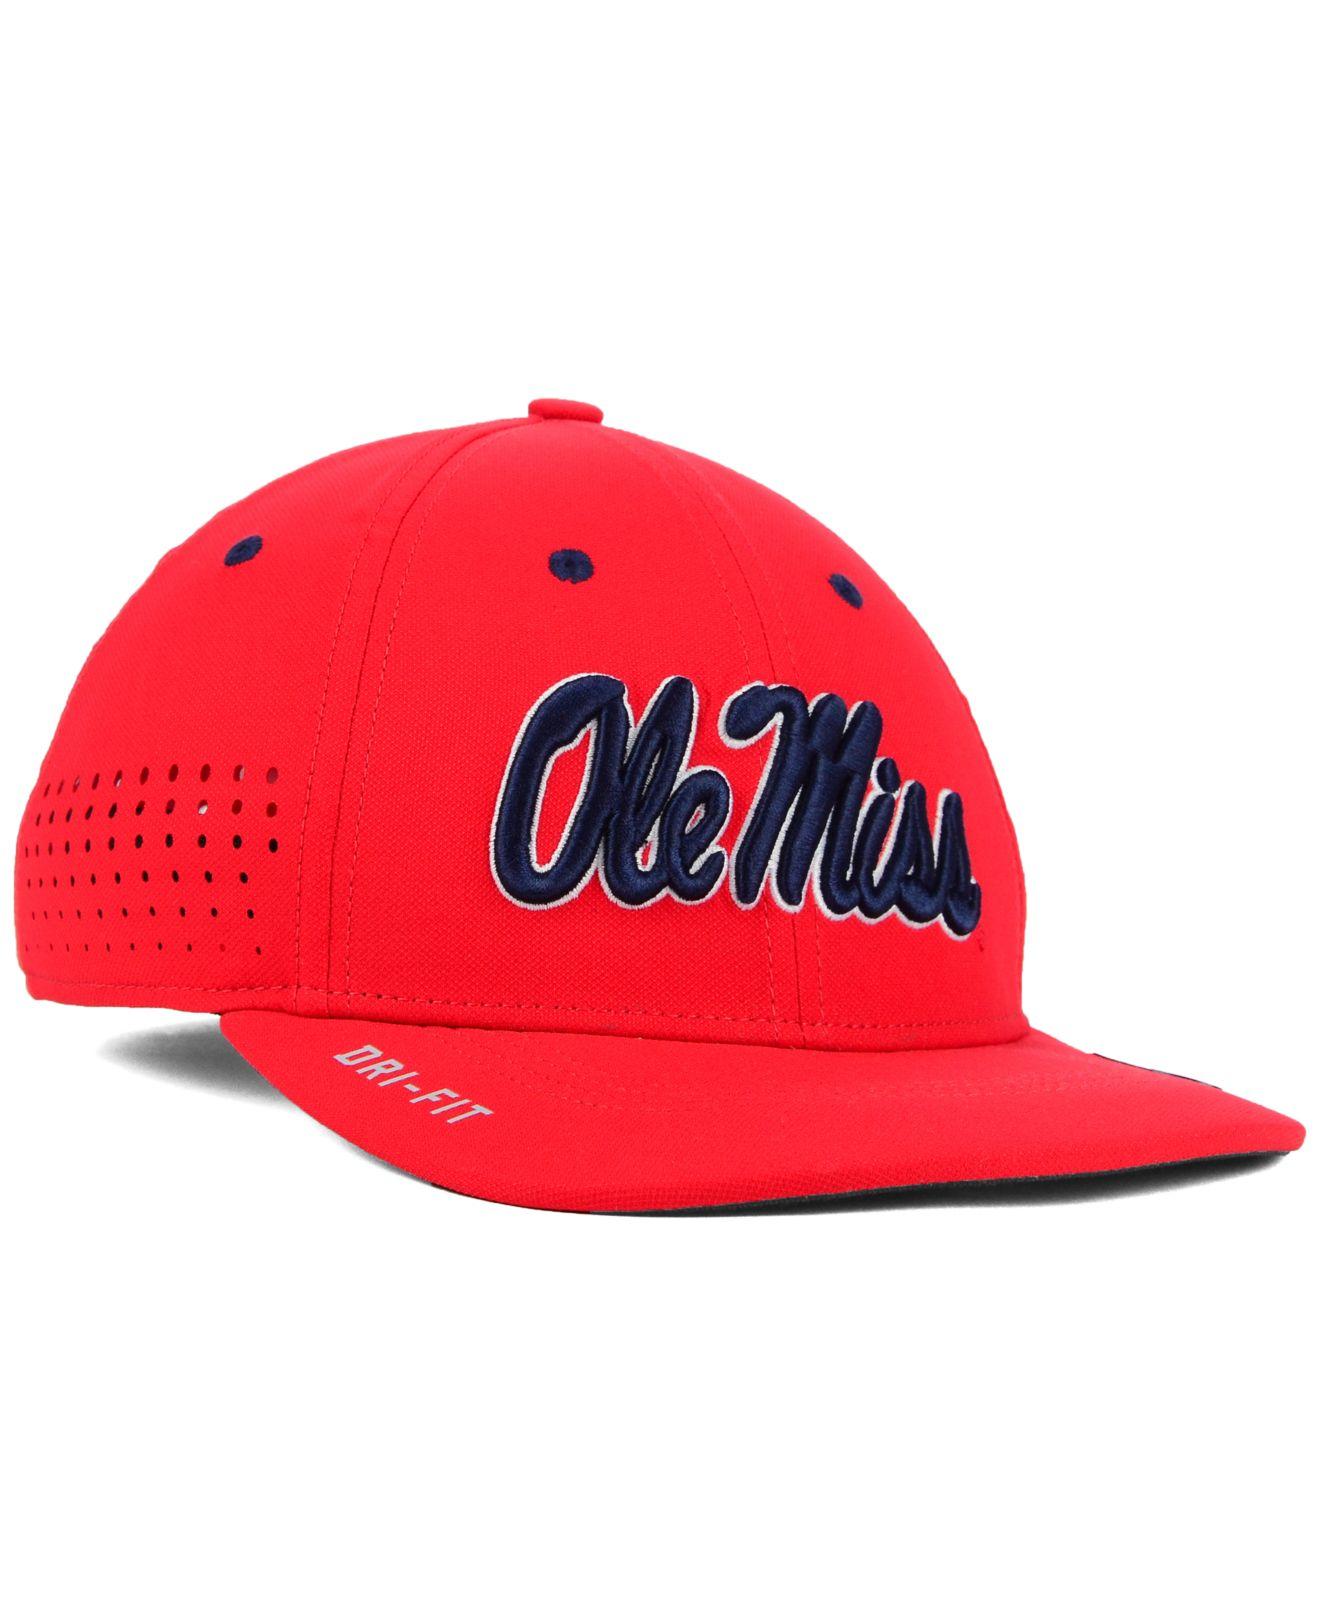 buy popular 792bd f581f Lyst - Nike Mississippi Rebels Sideline Cap in Red for Men